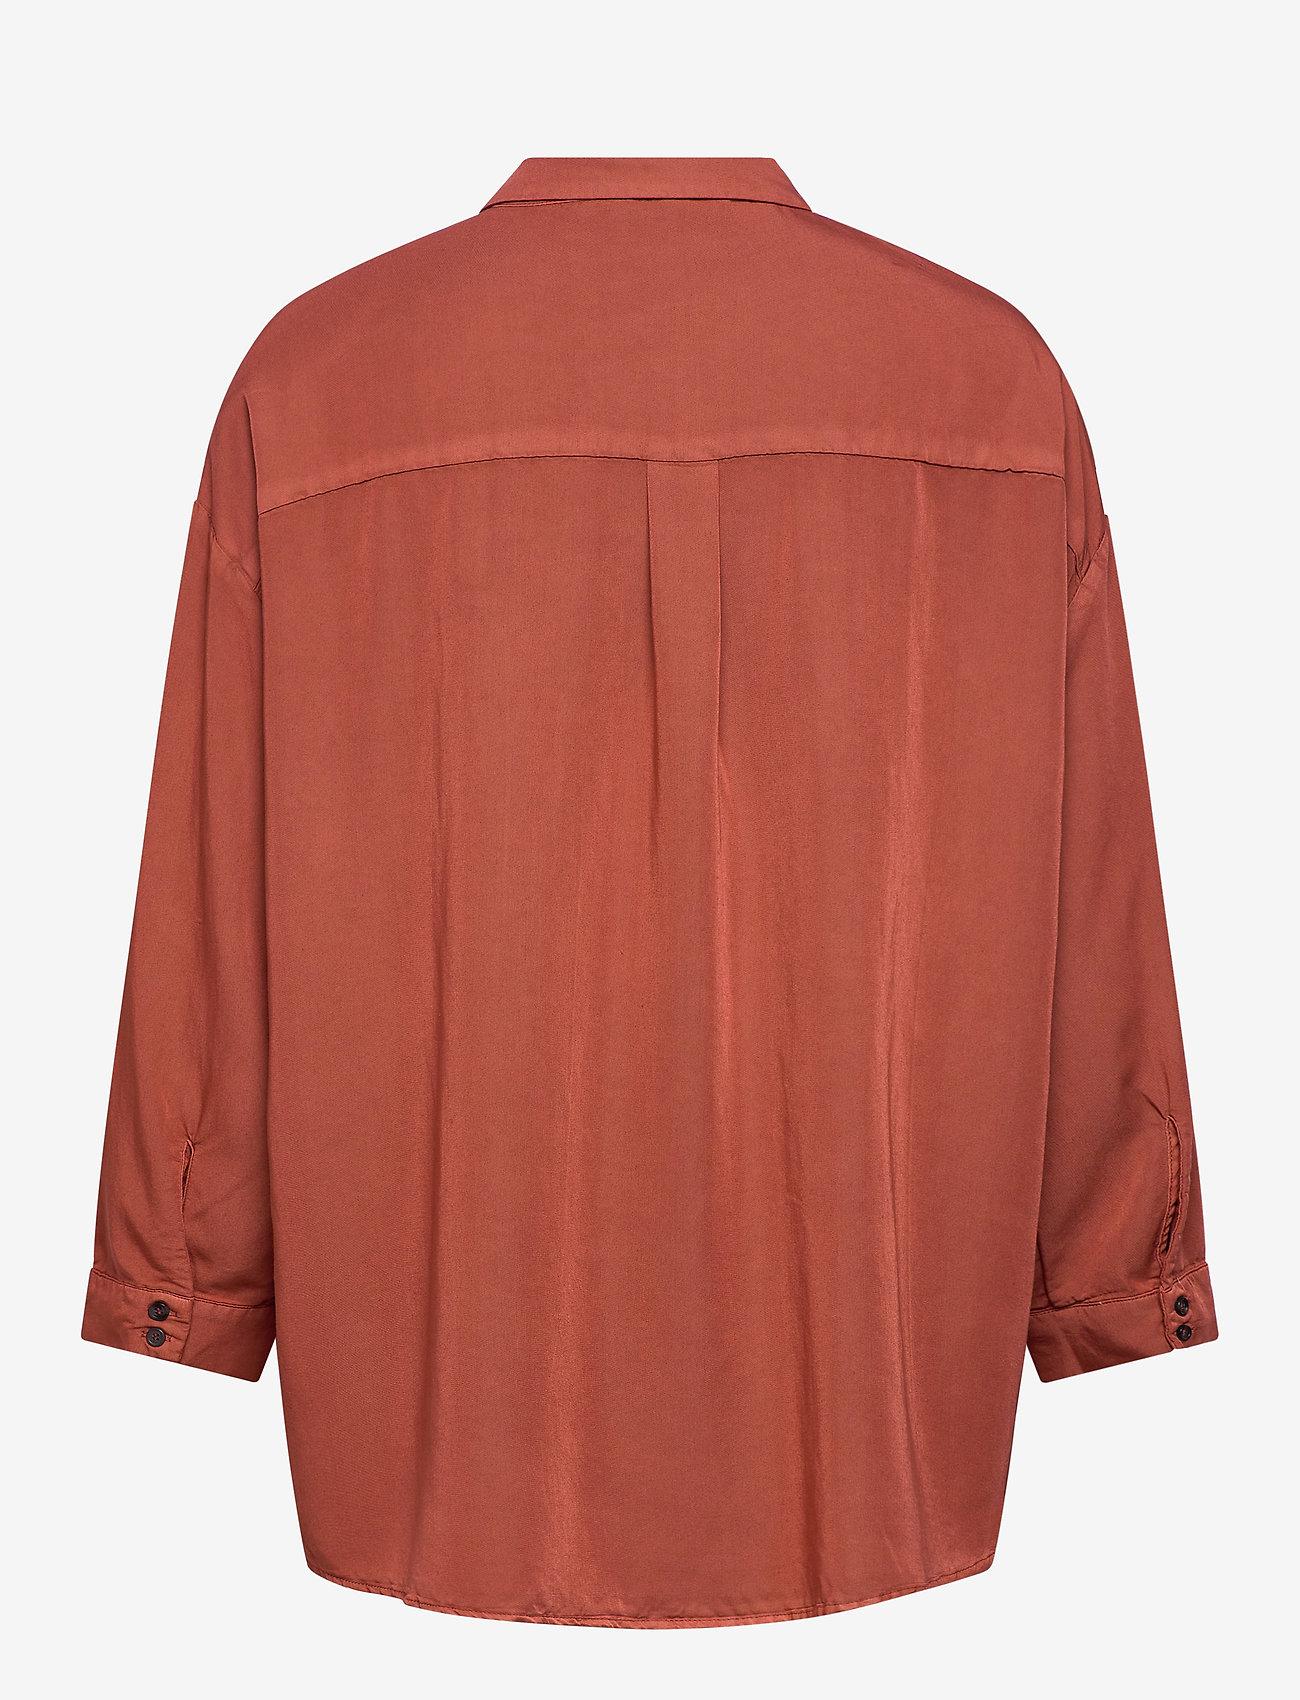 Colin Shirt   - Modström -  Women's Blouses & Shirts Cost